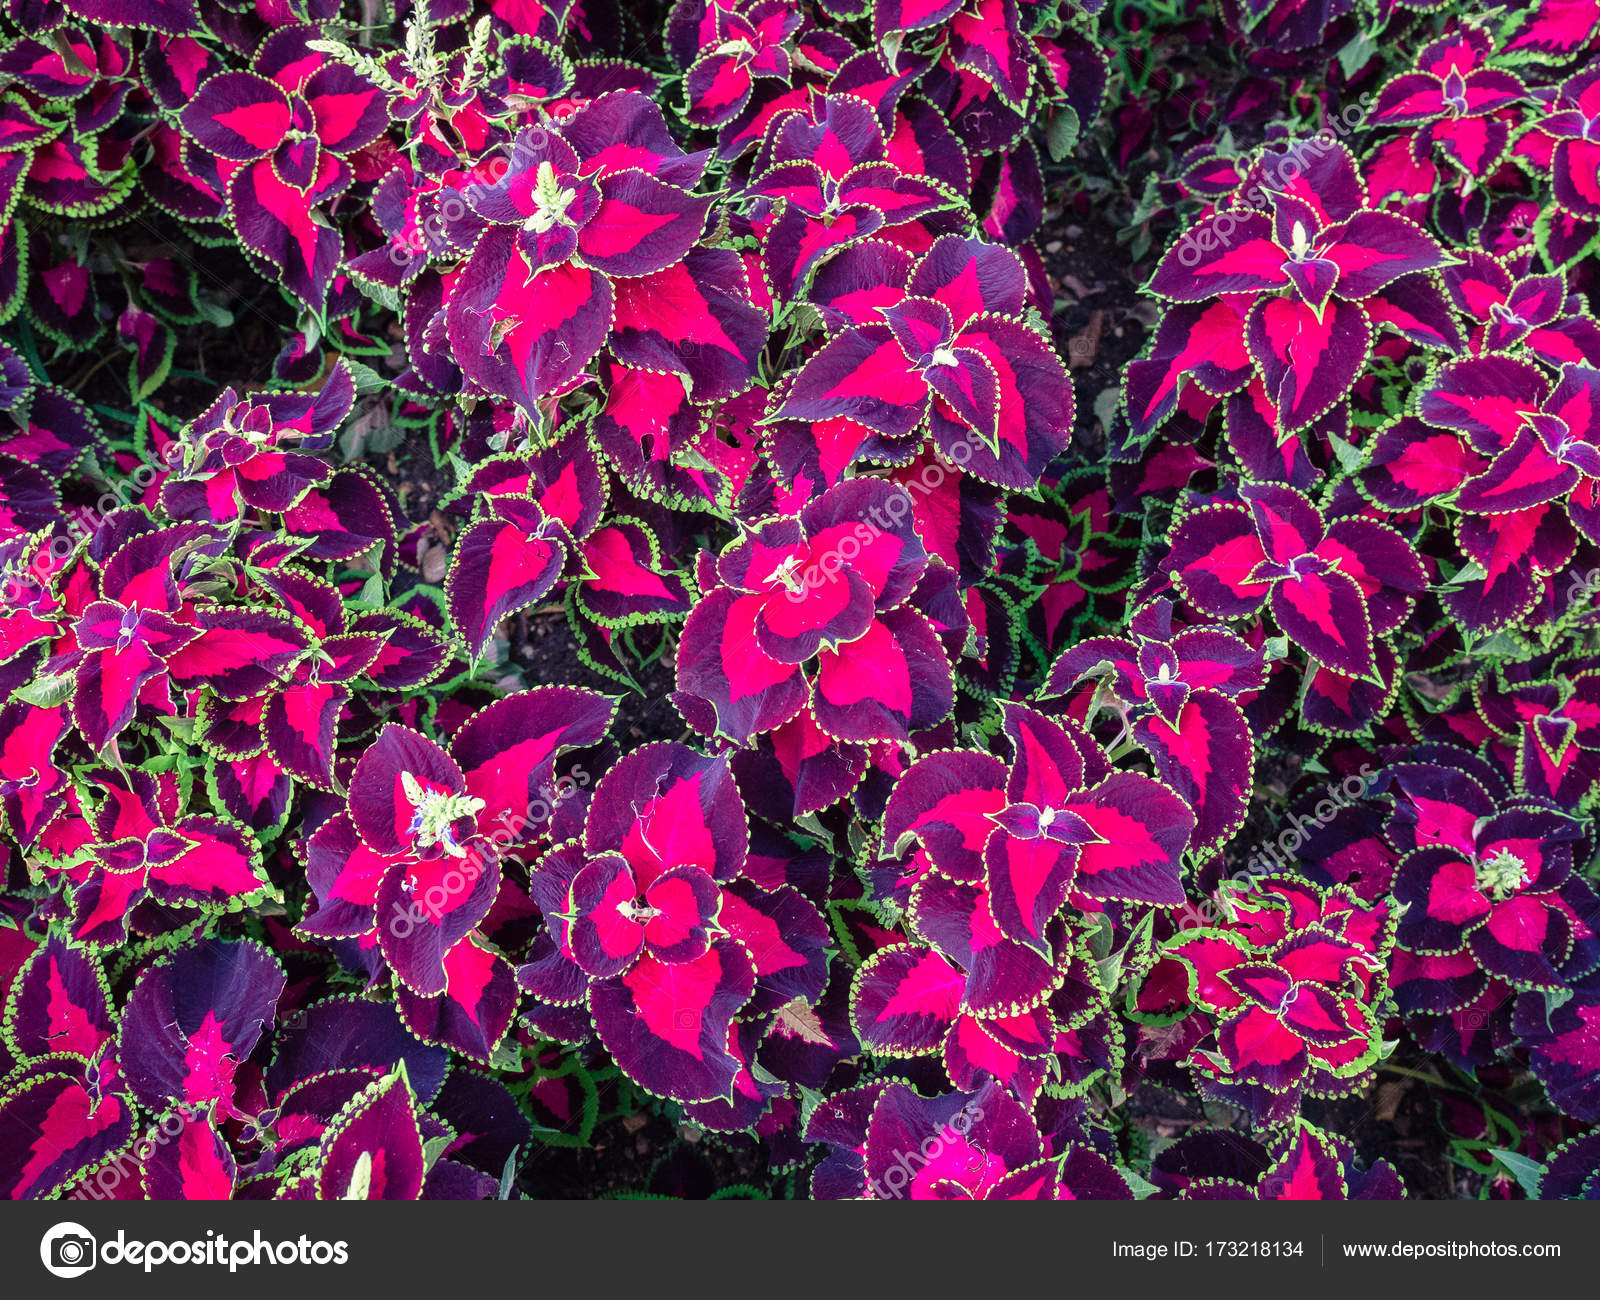 Coleus blumei fondo de plantas ornamentales fotos de for Concepto de plantas ornamentales